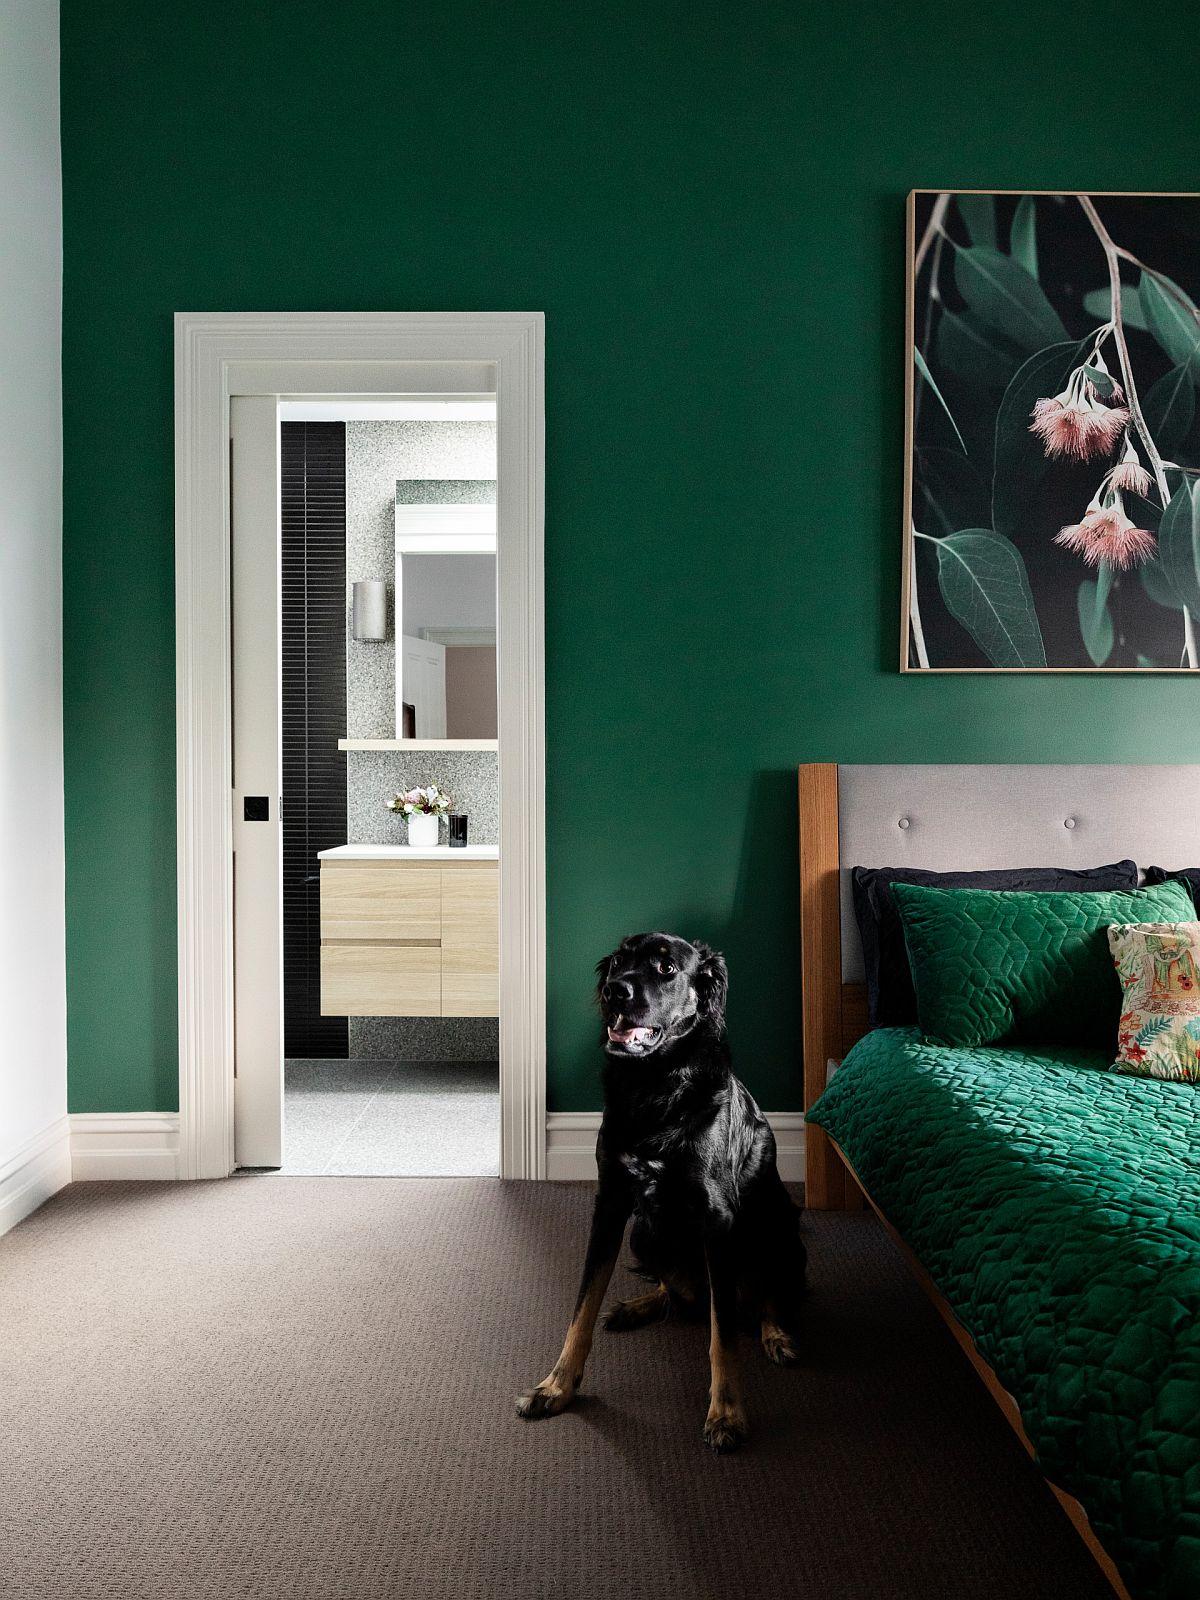 Phòng ngủ hiện đại với màu xanh lá cây đậm với các điểm nhấn màu trắng tạo cảm giác sảng khoái và tinh tế